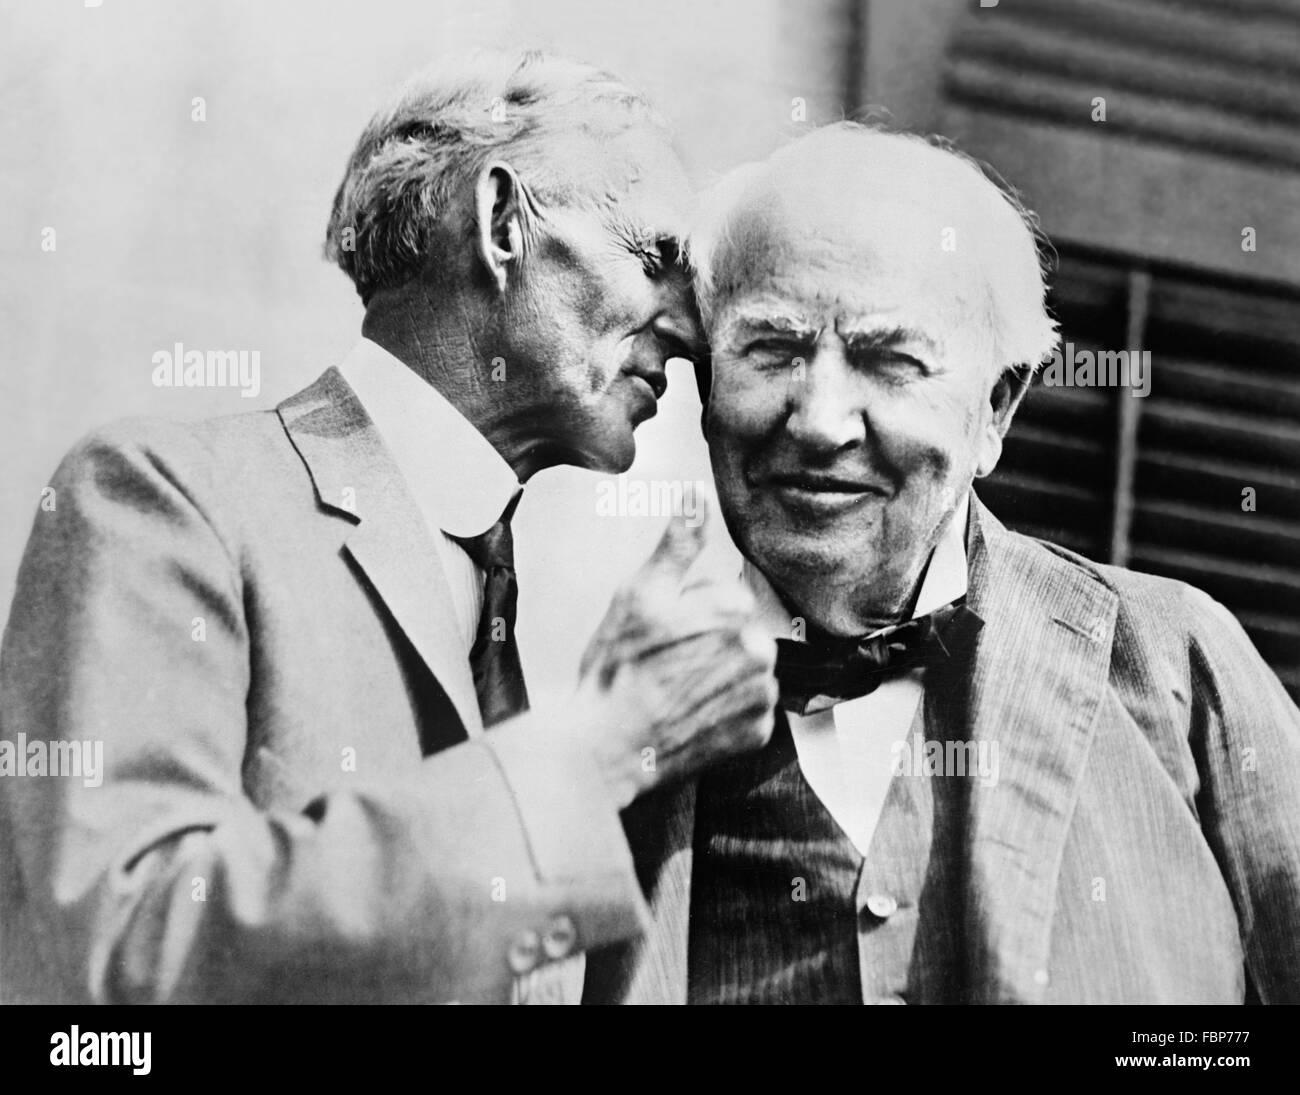 Pioniere di automobili Henry Ford parlando di inventore Thomas Alva Edison, c.1930 Immagini Stock